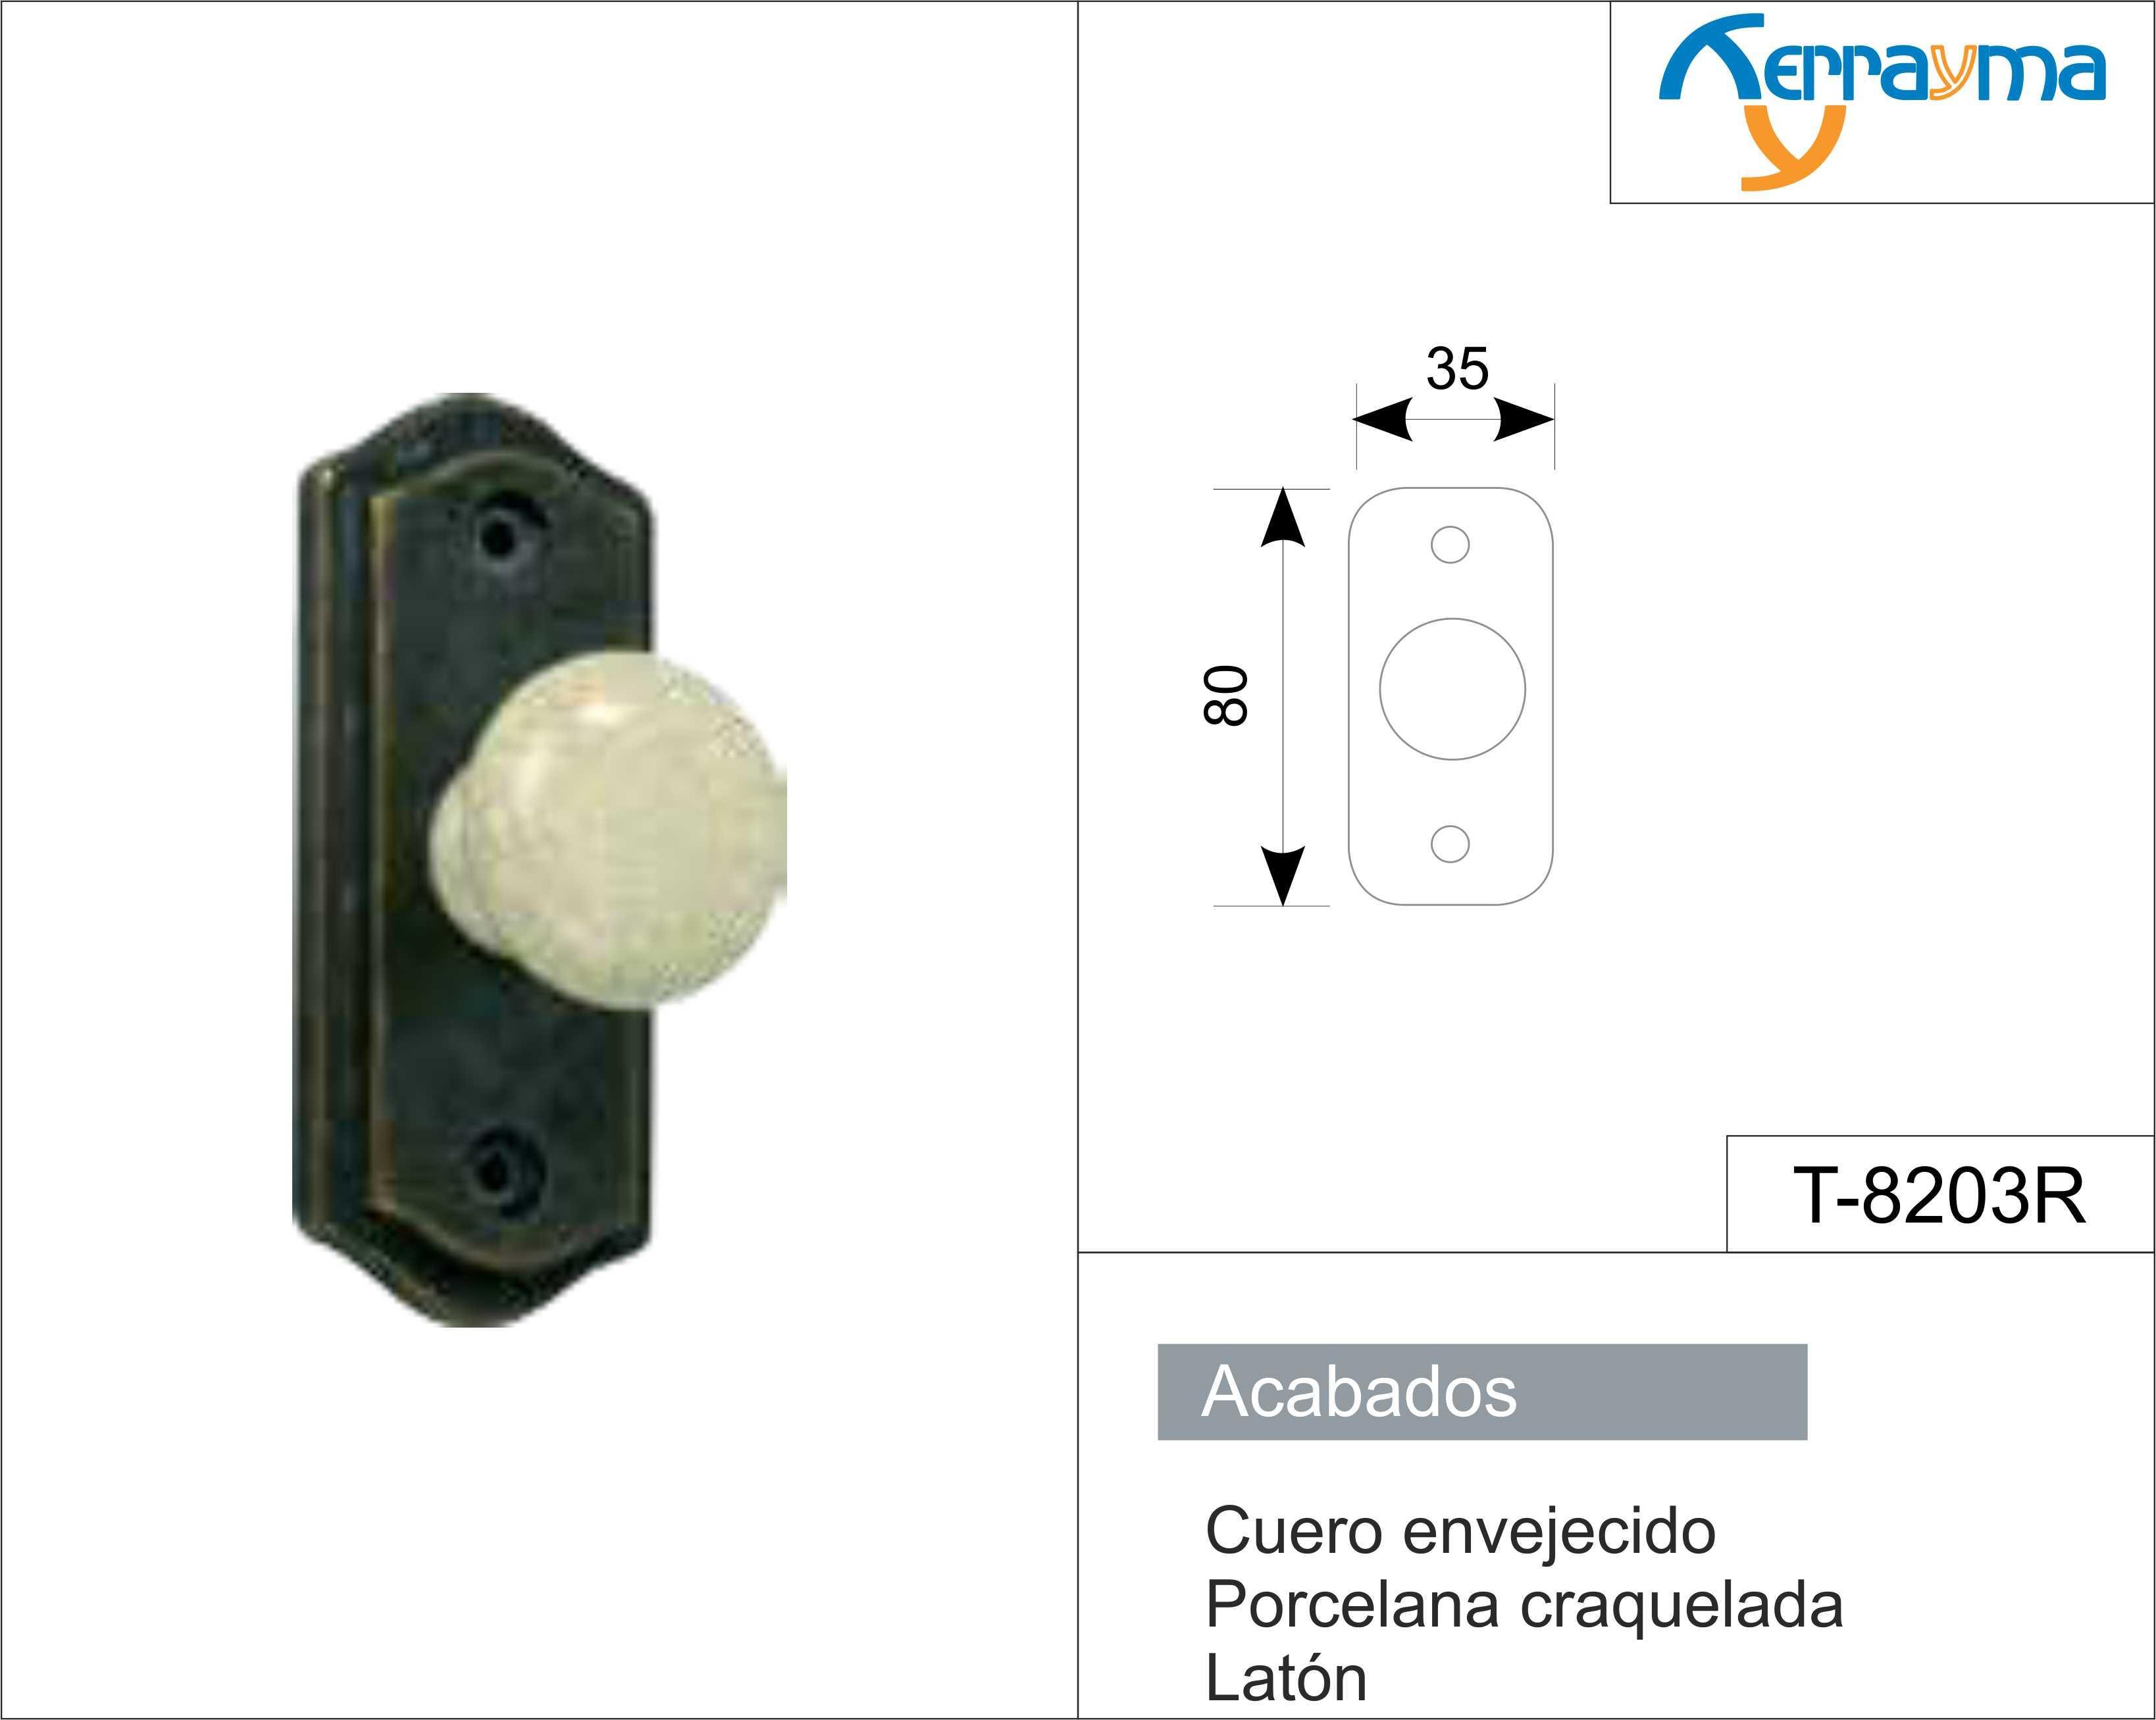 Manilla laton pomo rustica porcelana modelo t 8203r - Manillas rusticas para puertas ...